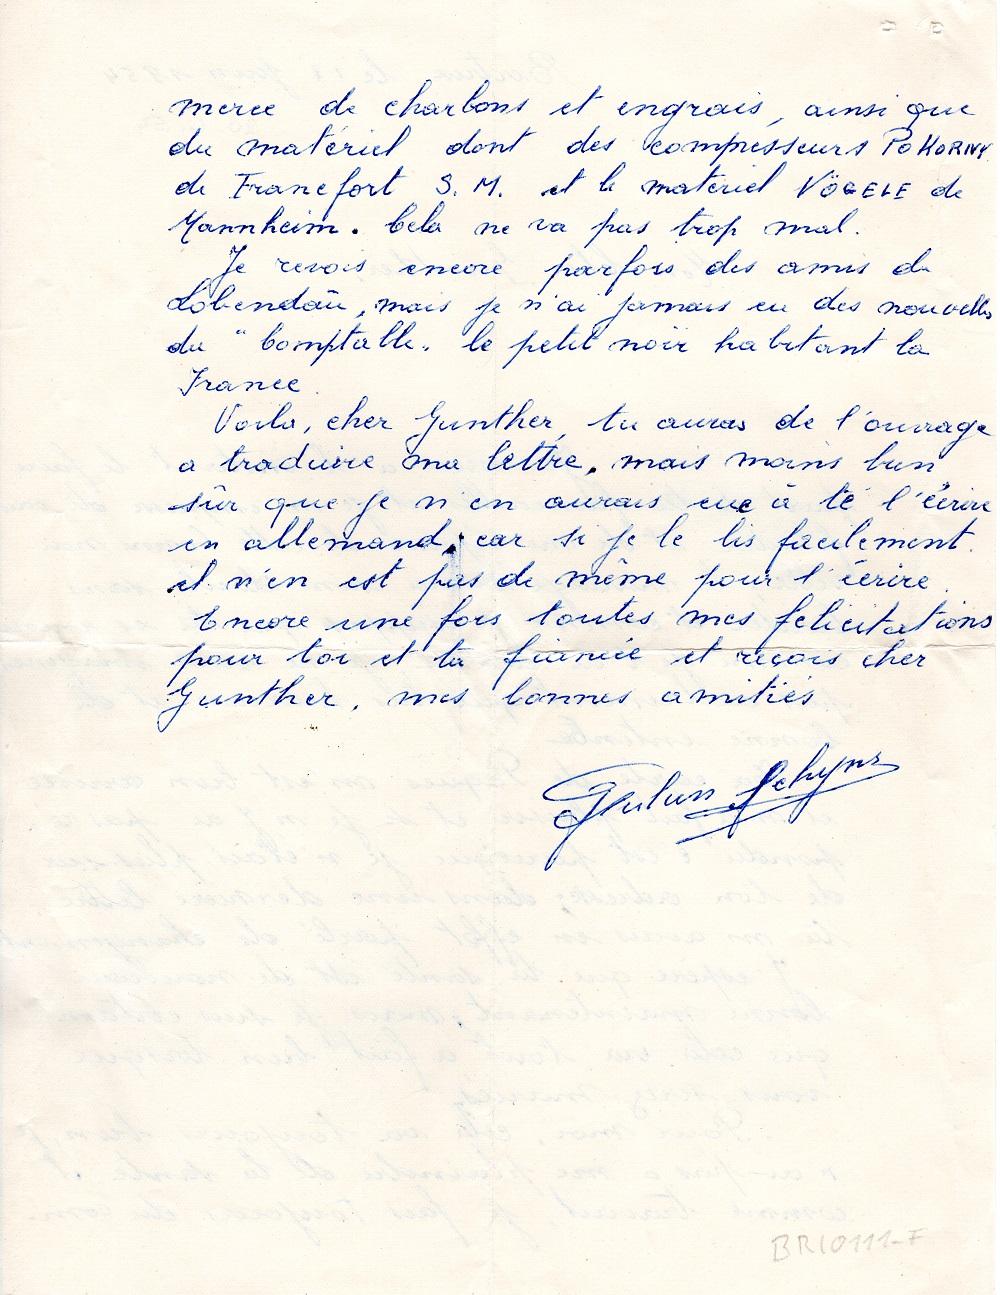 Freund brief französisch schreiben Musterbrief Französisch